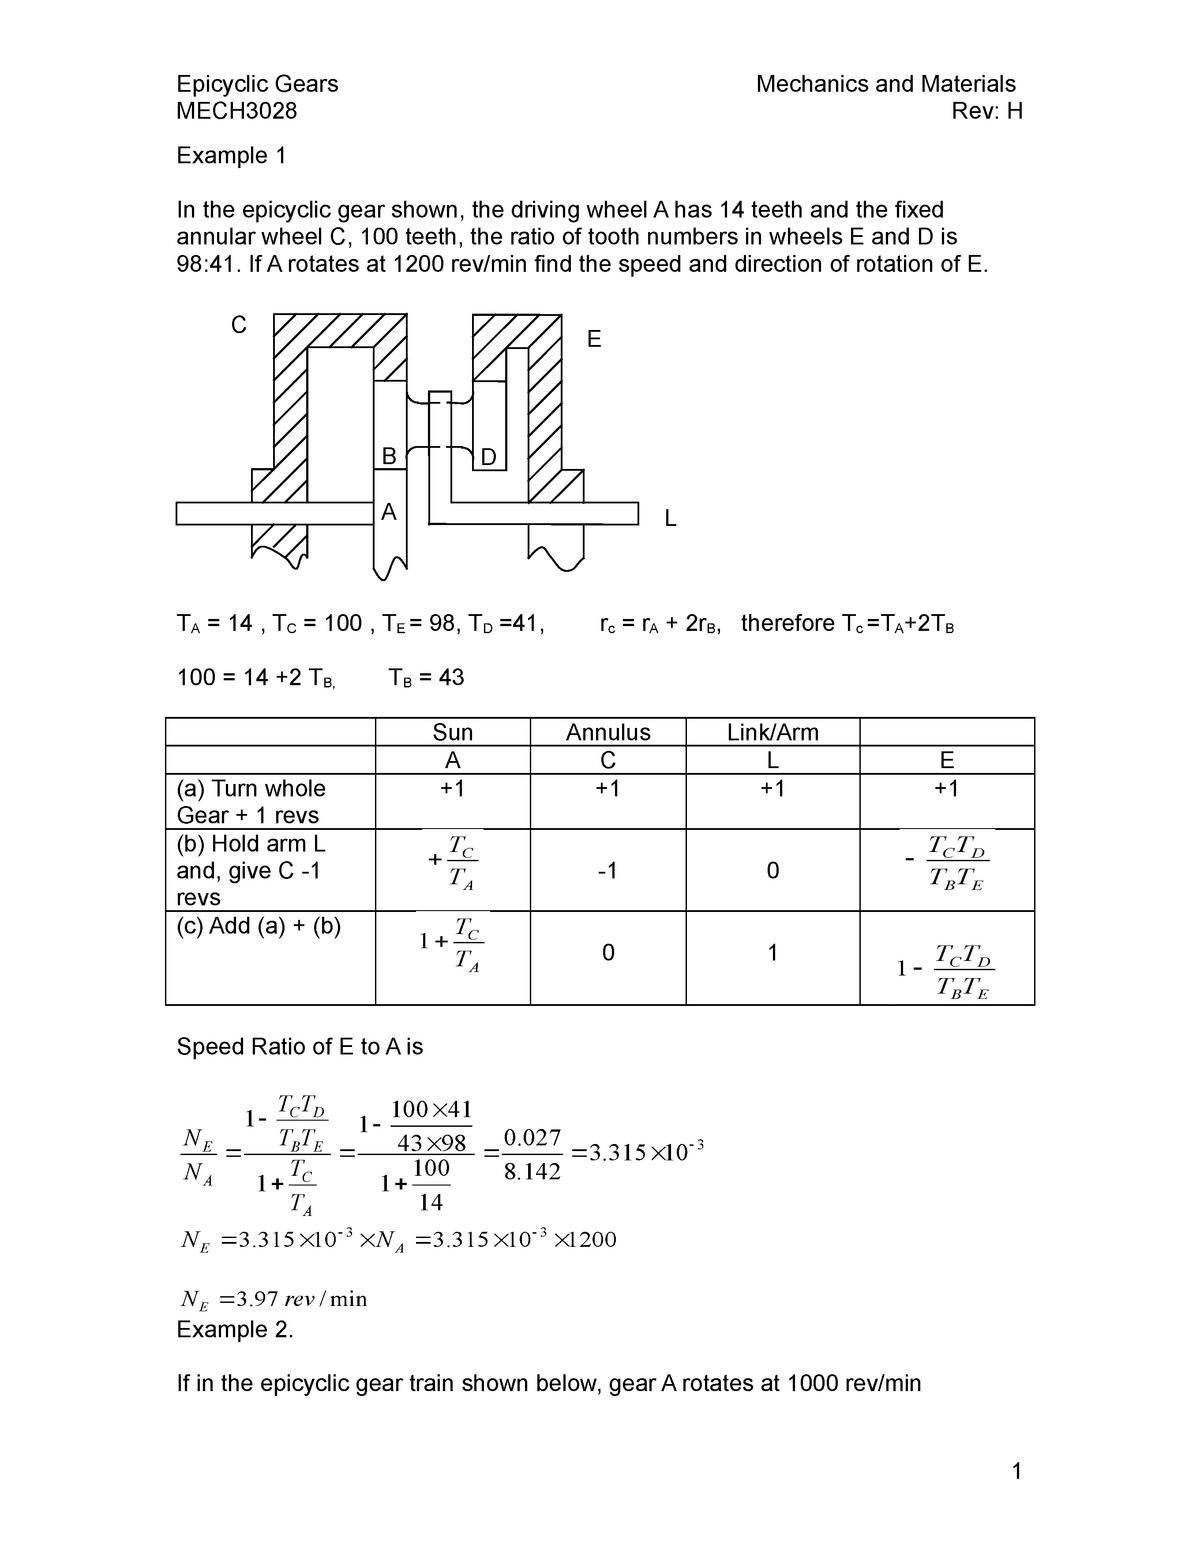 Exam 2018 - MECH3028: Mechanics and Materials 4 - StuDocu